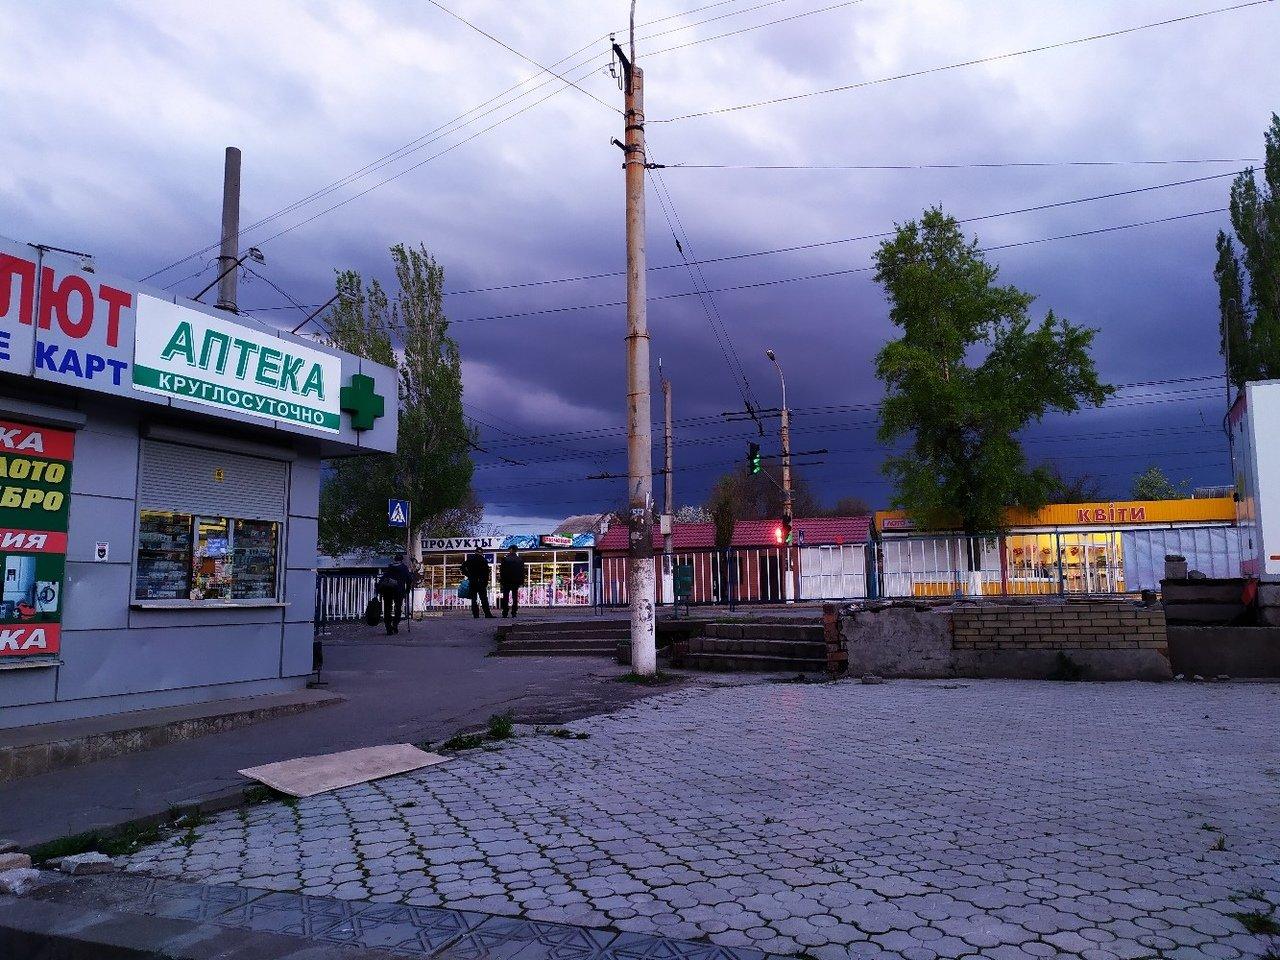 Цунами: Над Луганском нависли невообразимые тучи, - ФОТО, фото-1